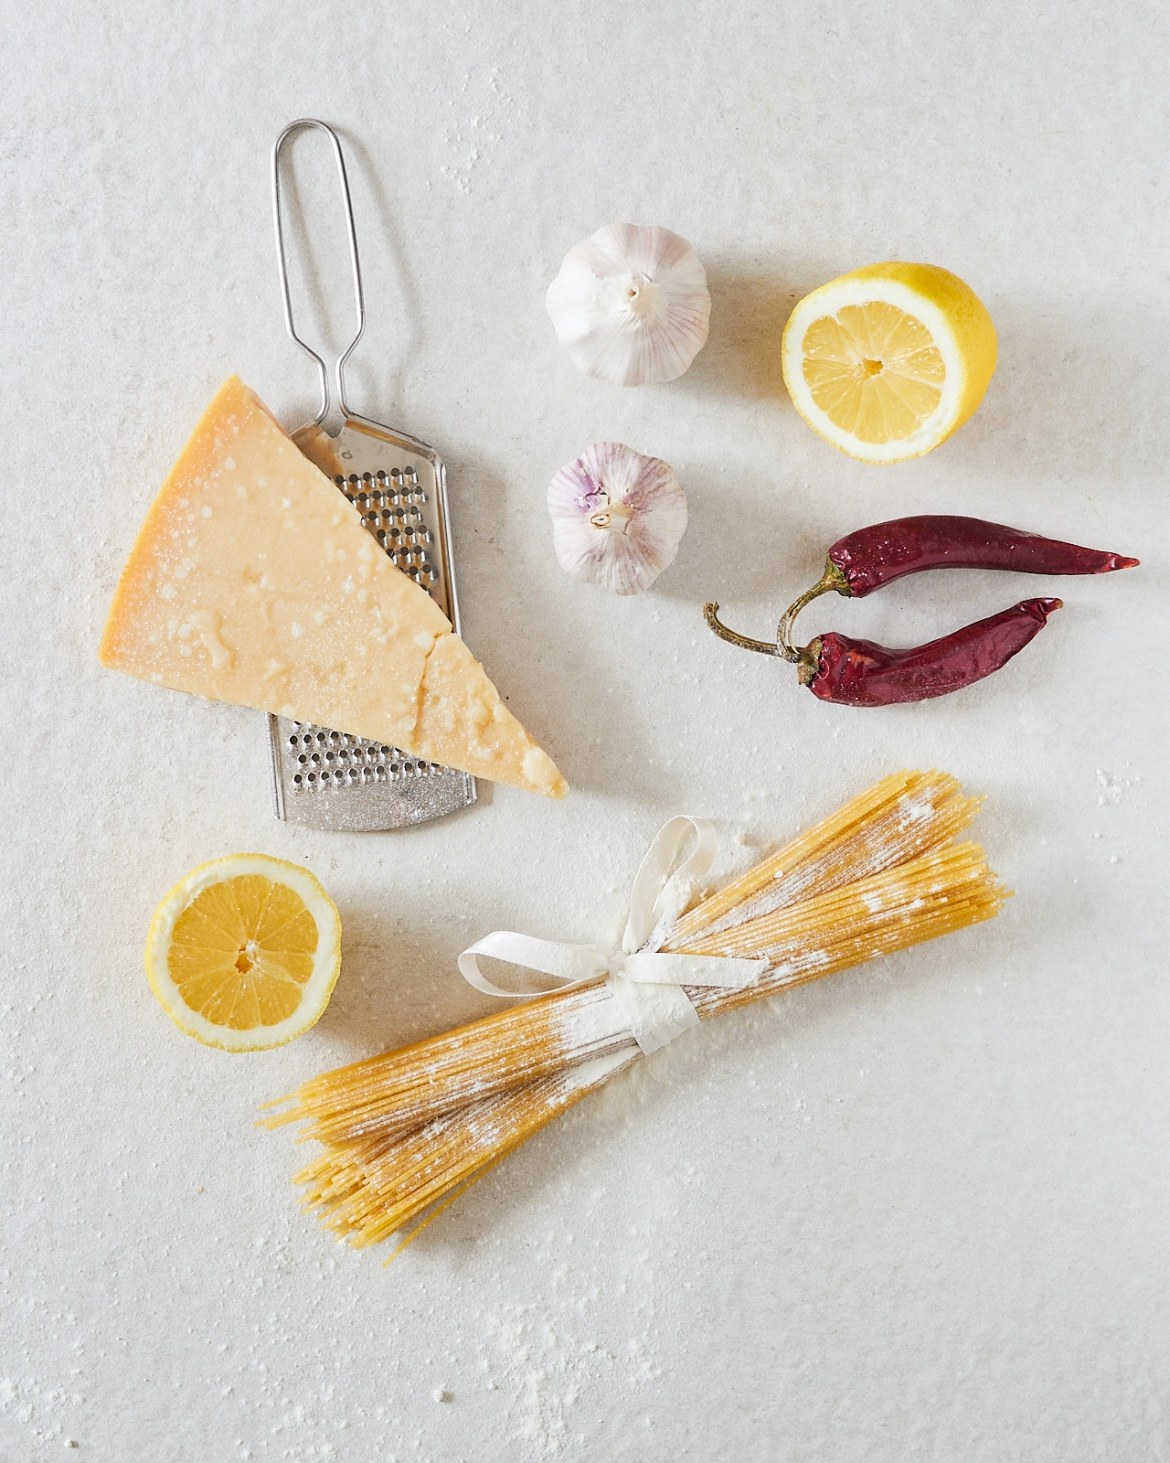 ingredients for garlic pasta